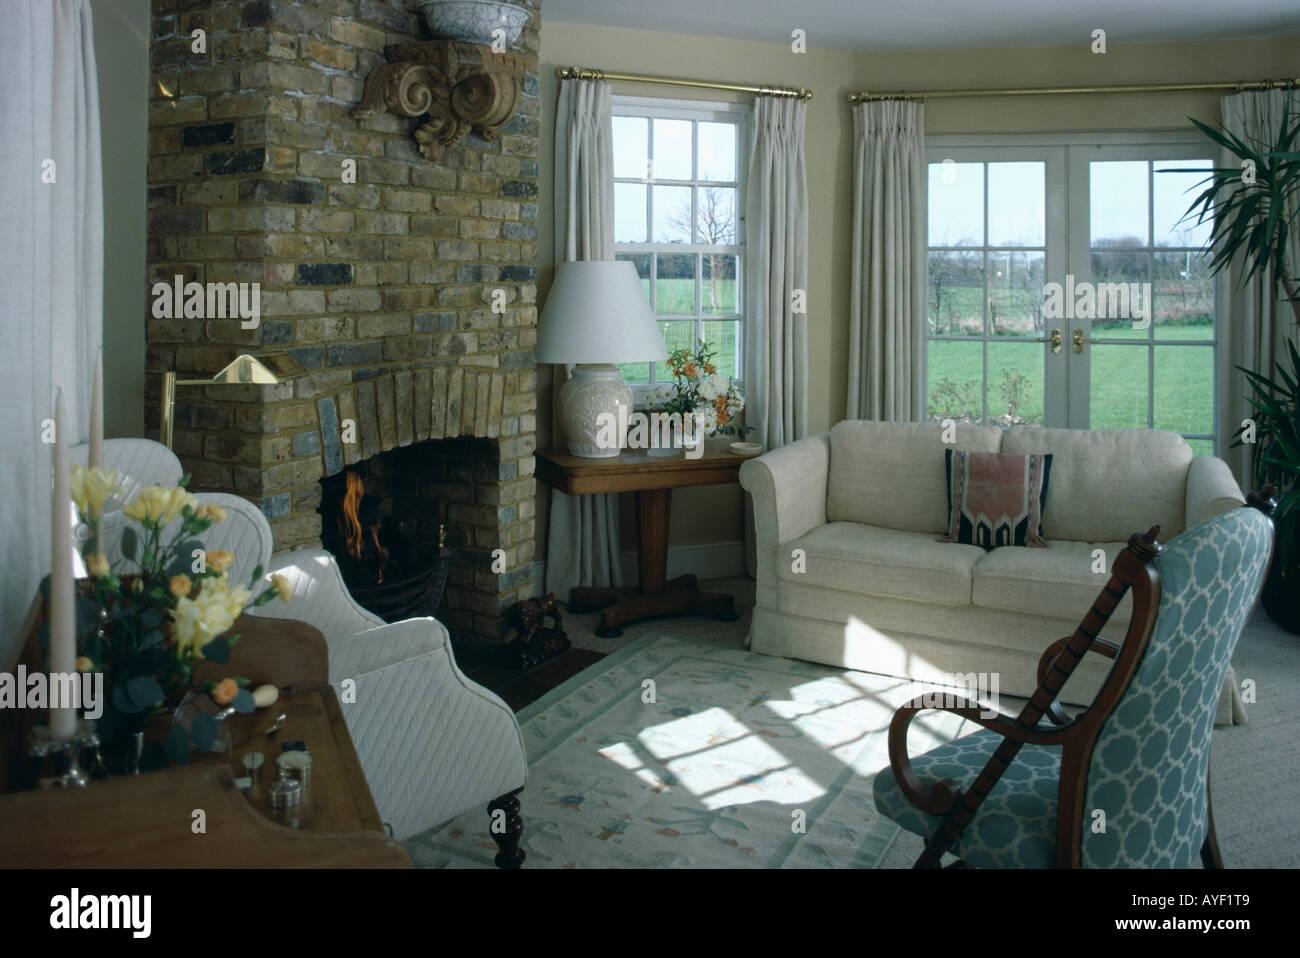 Camino Bianco In Pietra : Divano bianco in cottage stanza vivente con il camino nel muro di